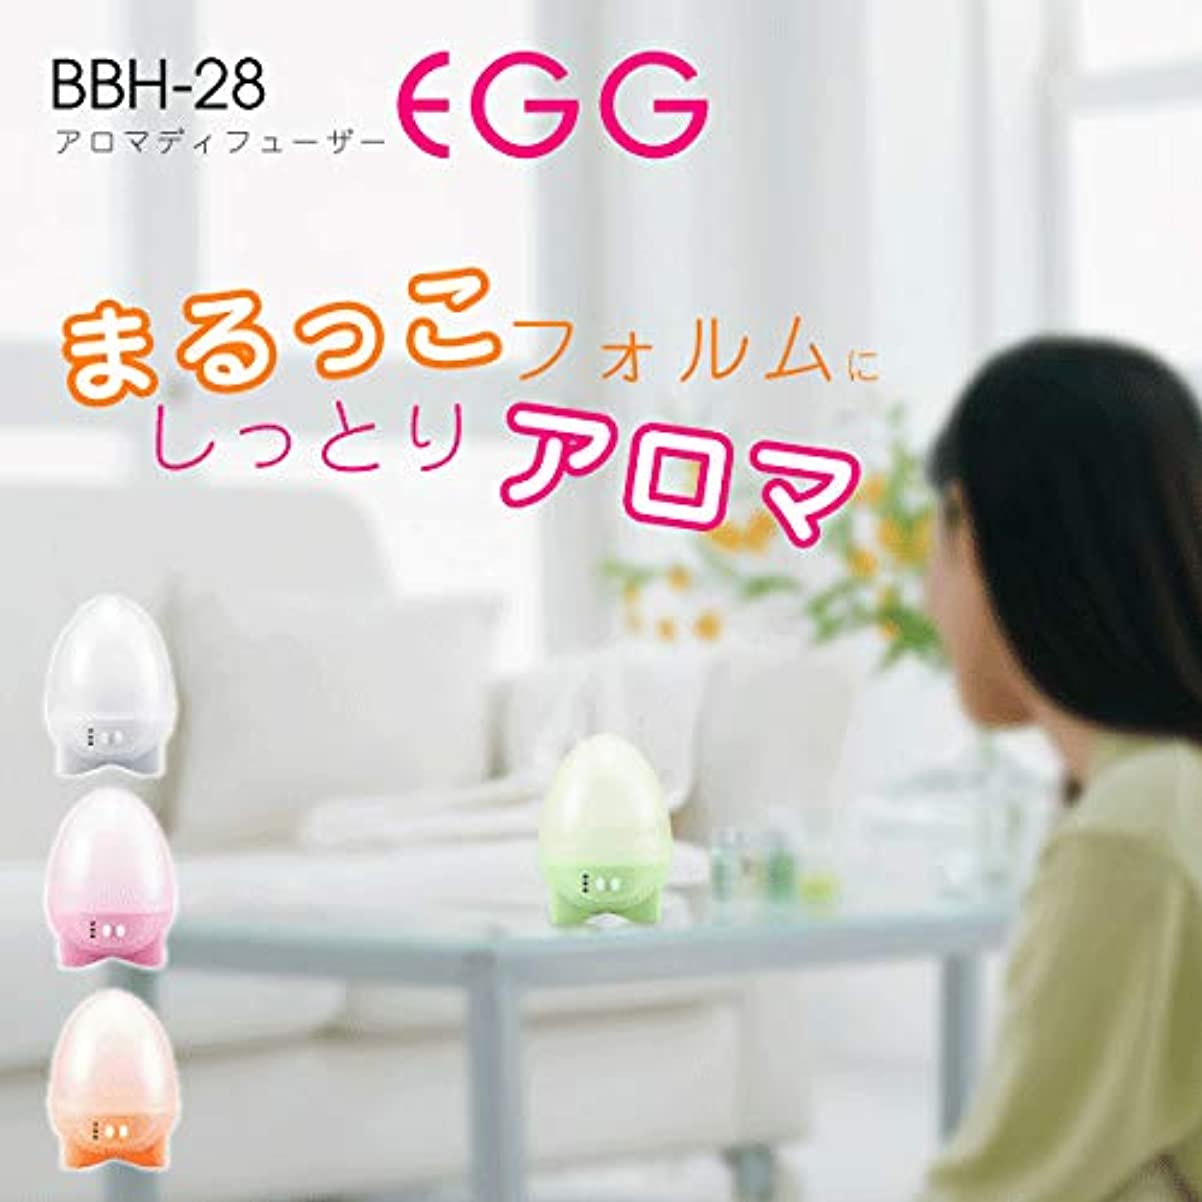 含めるリーダーシップ美人PRISMATE(プリズメイト)アロマディフューザー Egg BBH-28 [在庫有]